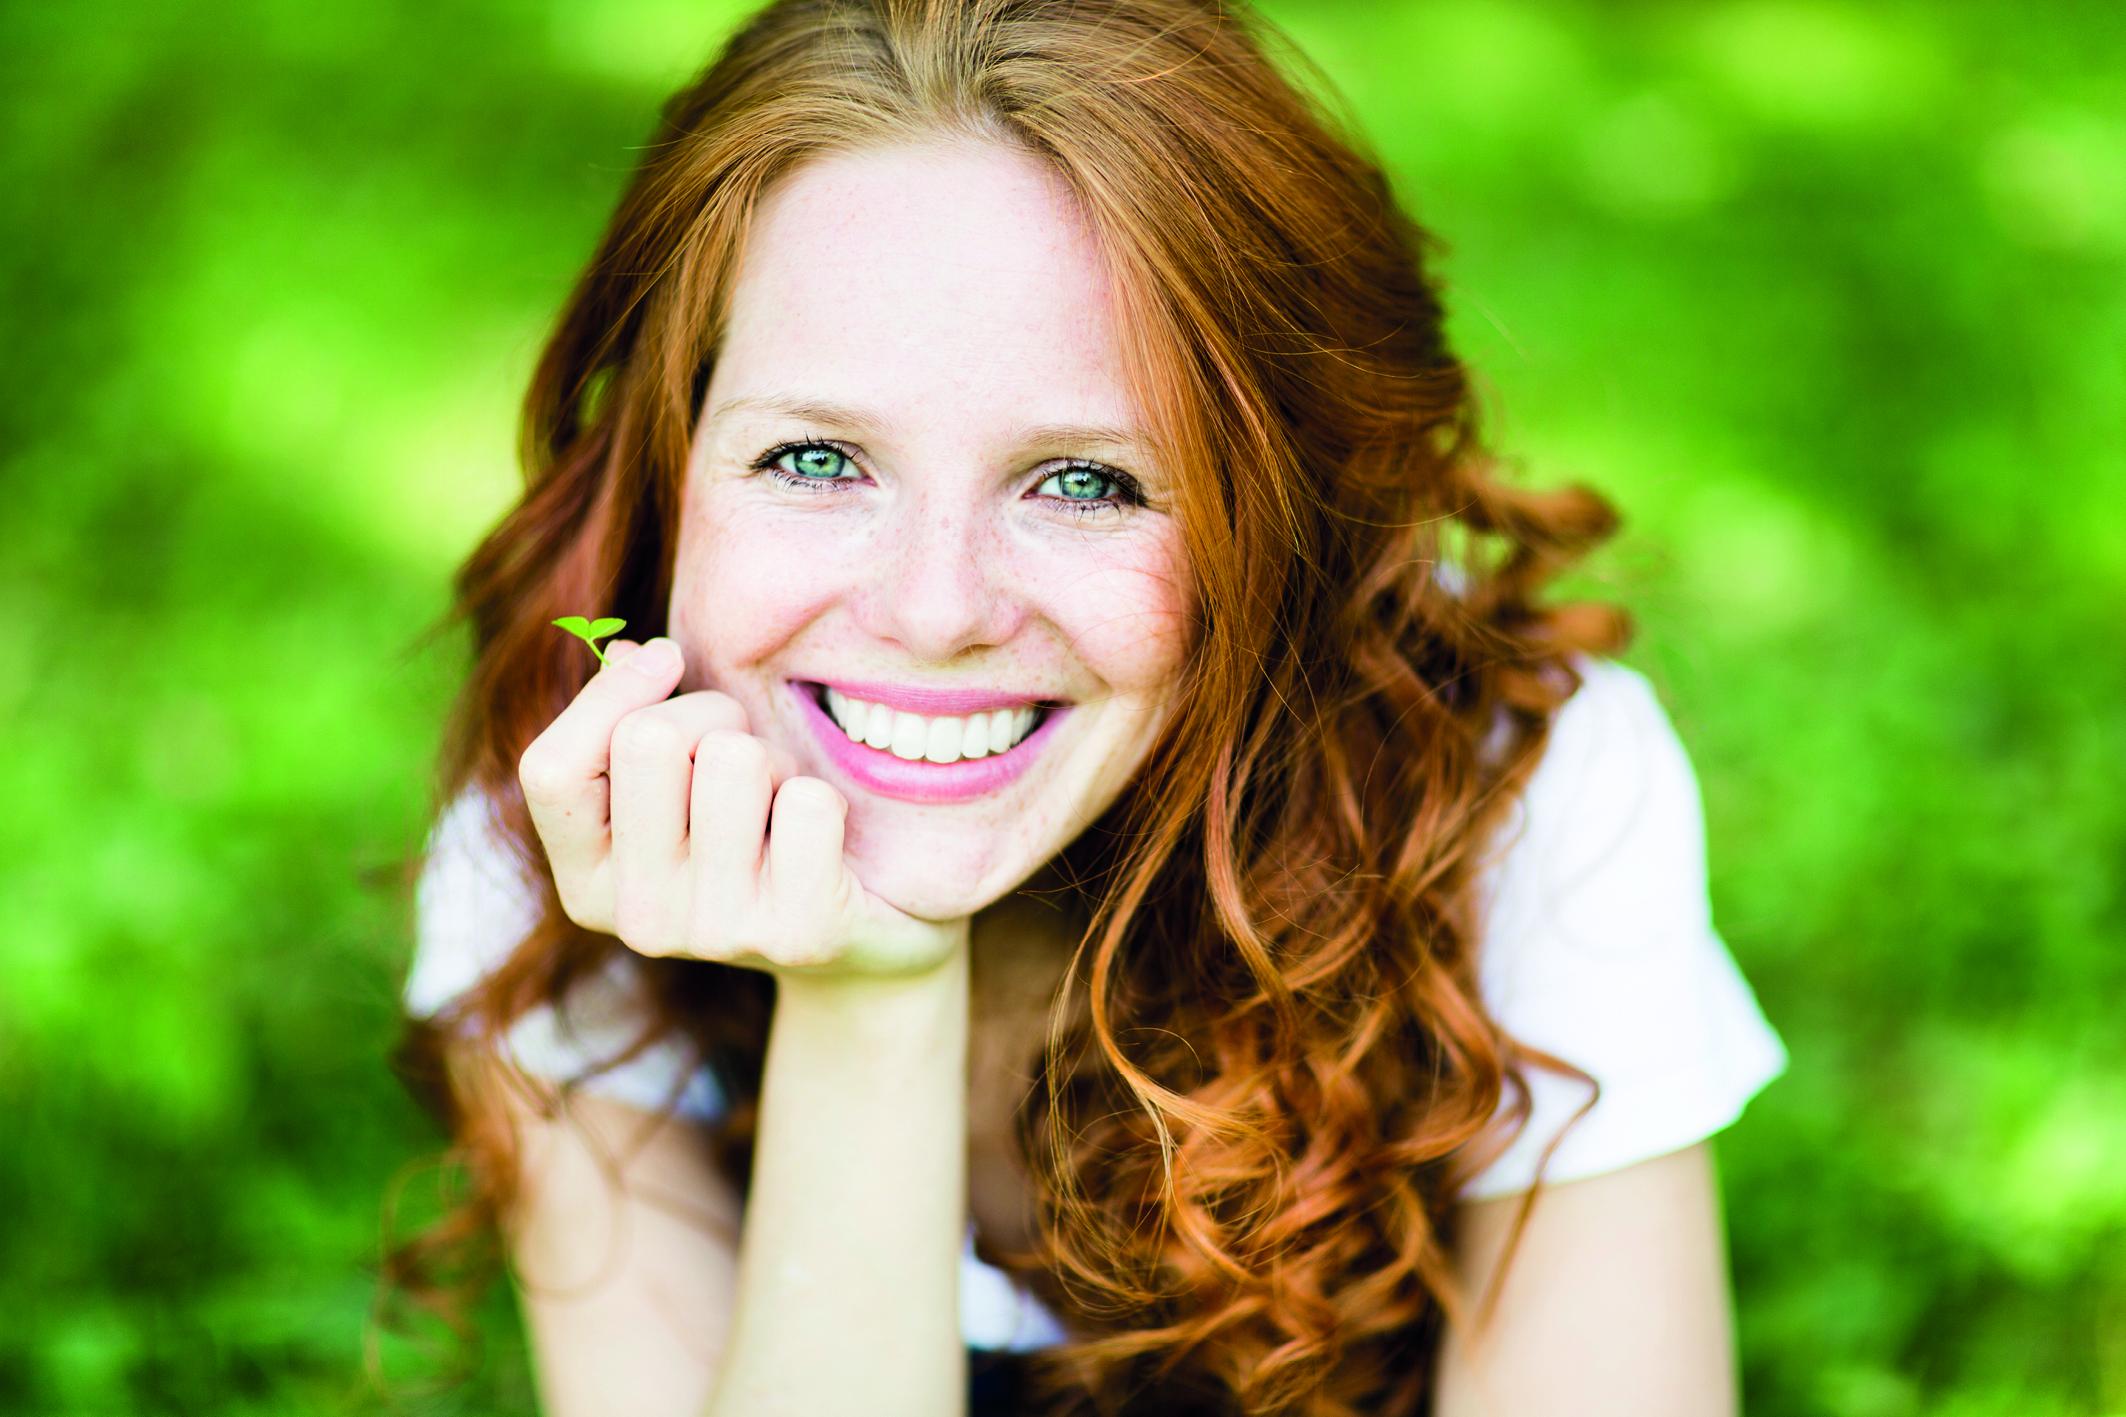 Rothaarige Frau mit strahlendem Lächeln vor grünem Hintergrund. (Erste Hilfe für Zähne)